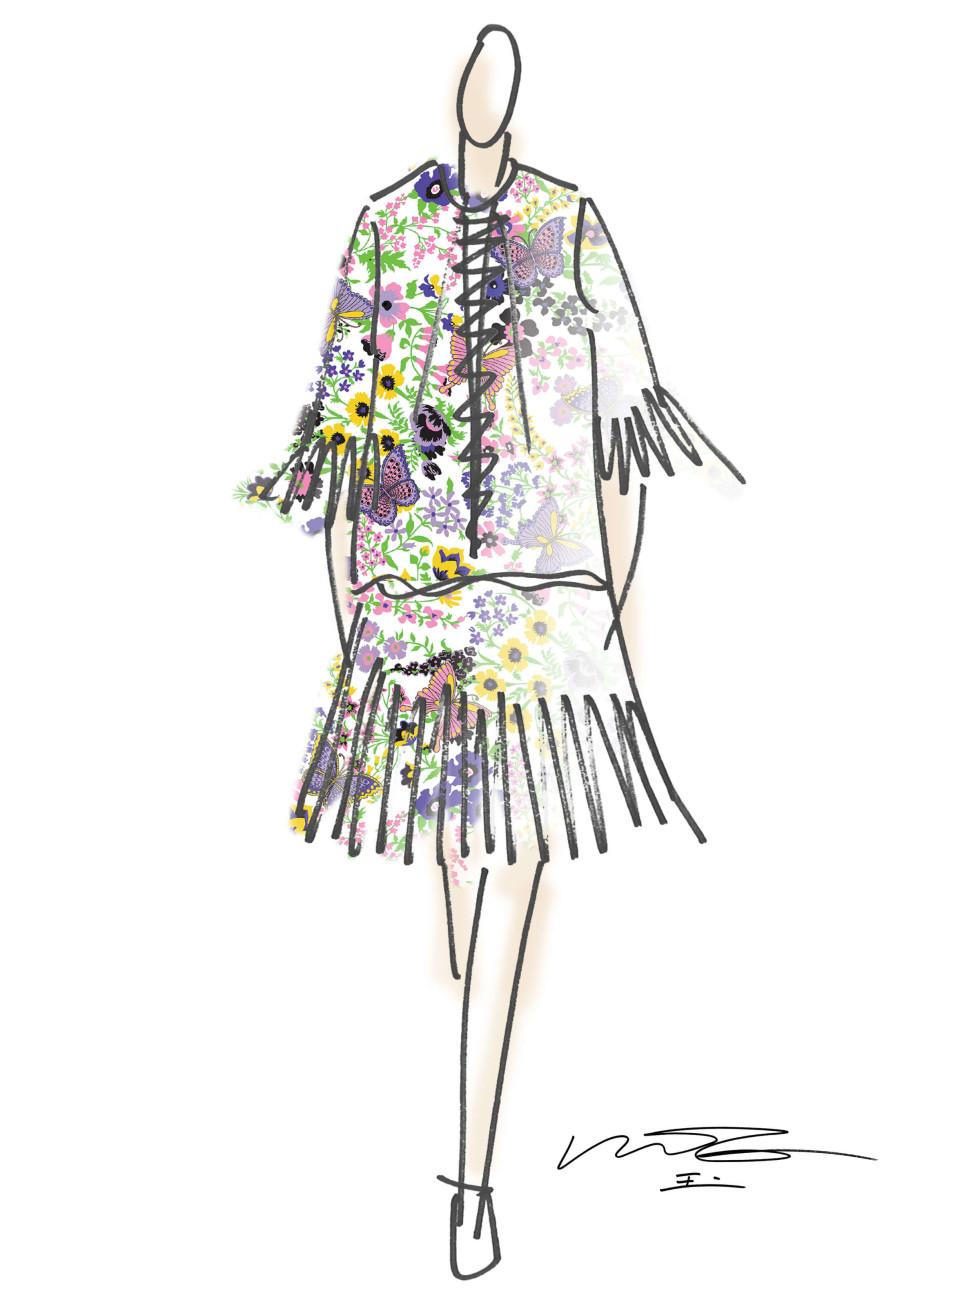 Vivienne Tam designer inspiration sketch spring 2017